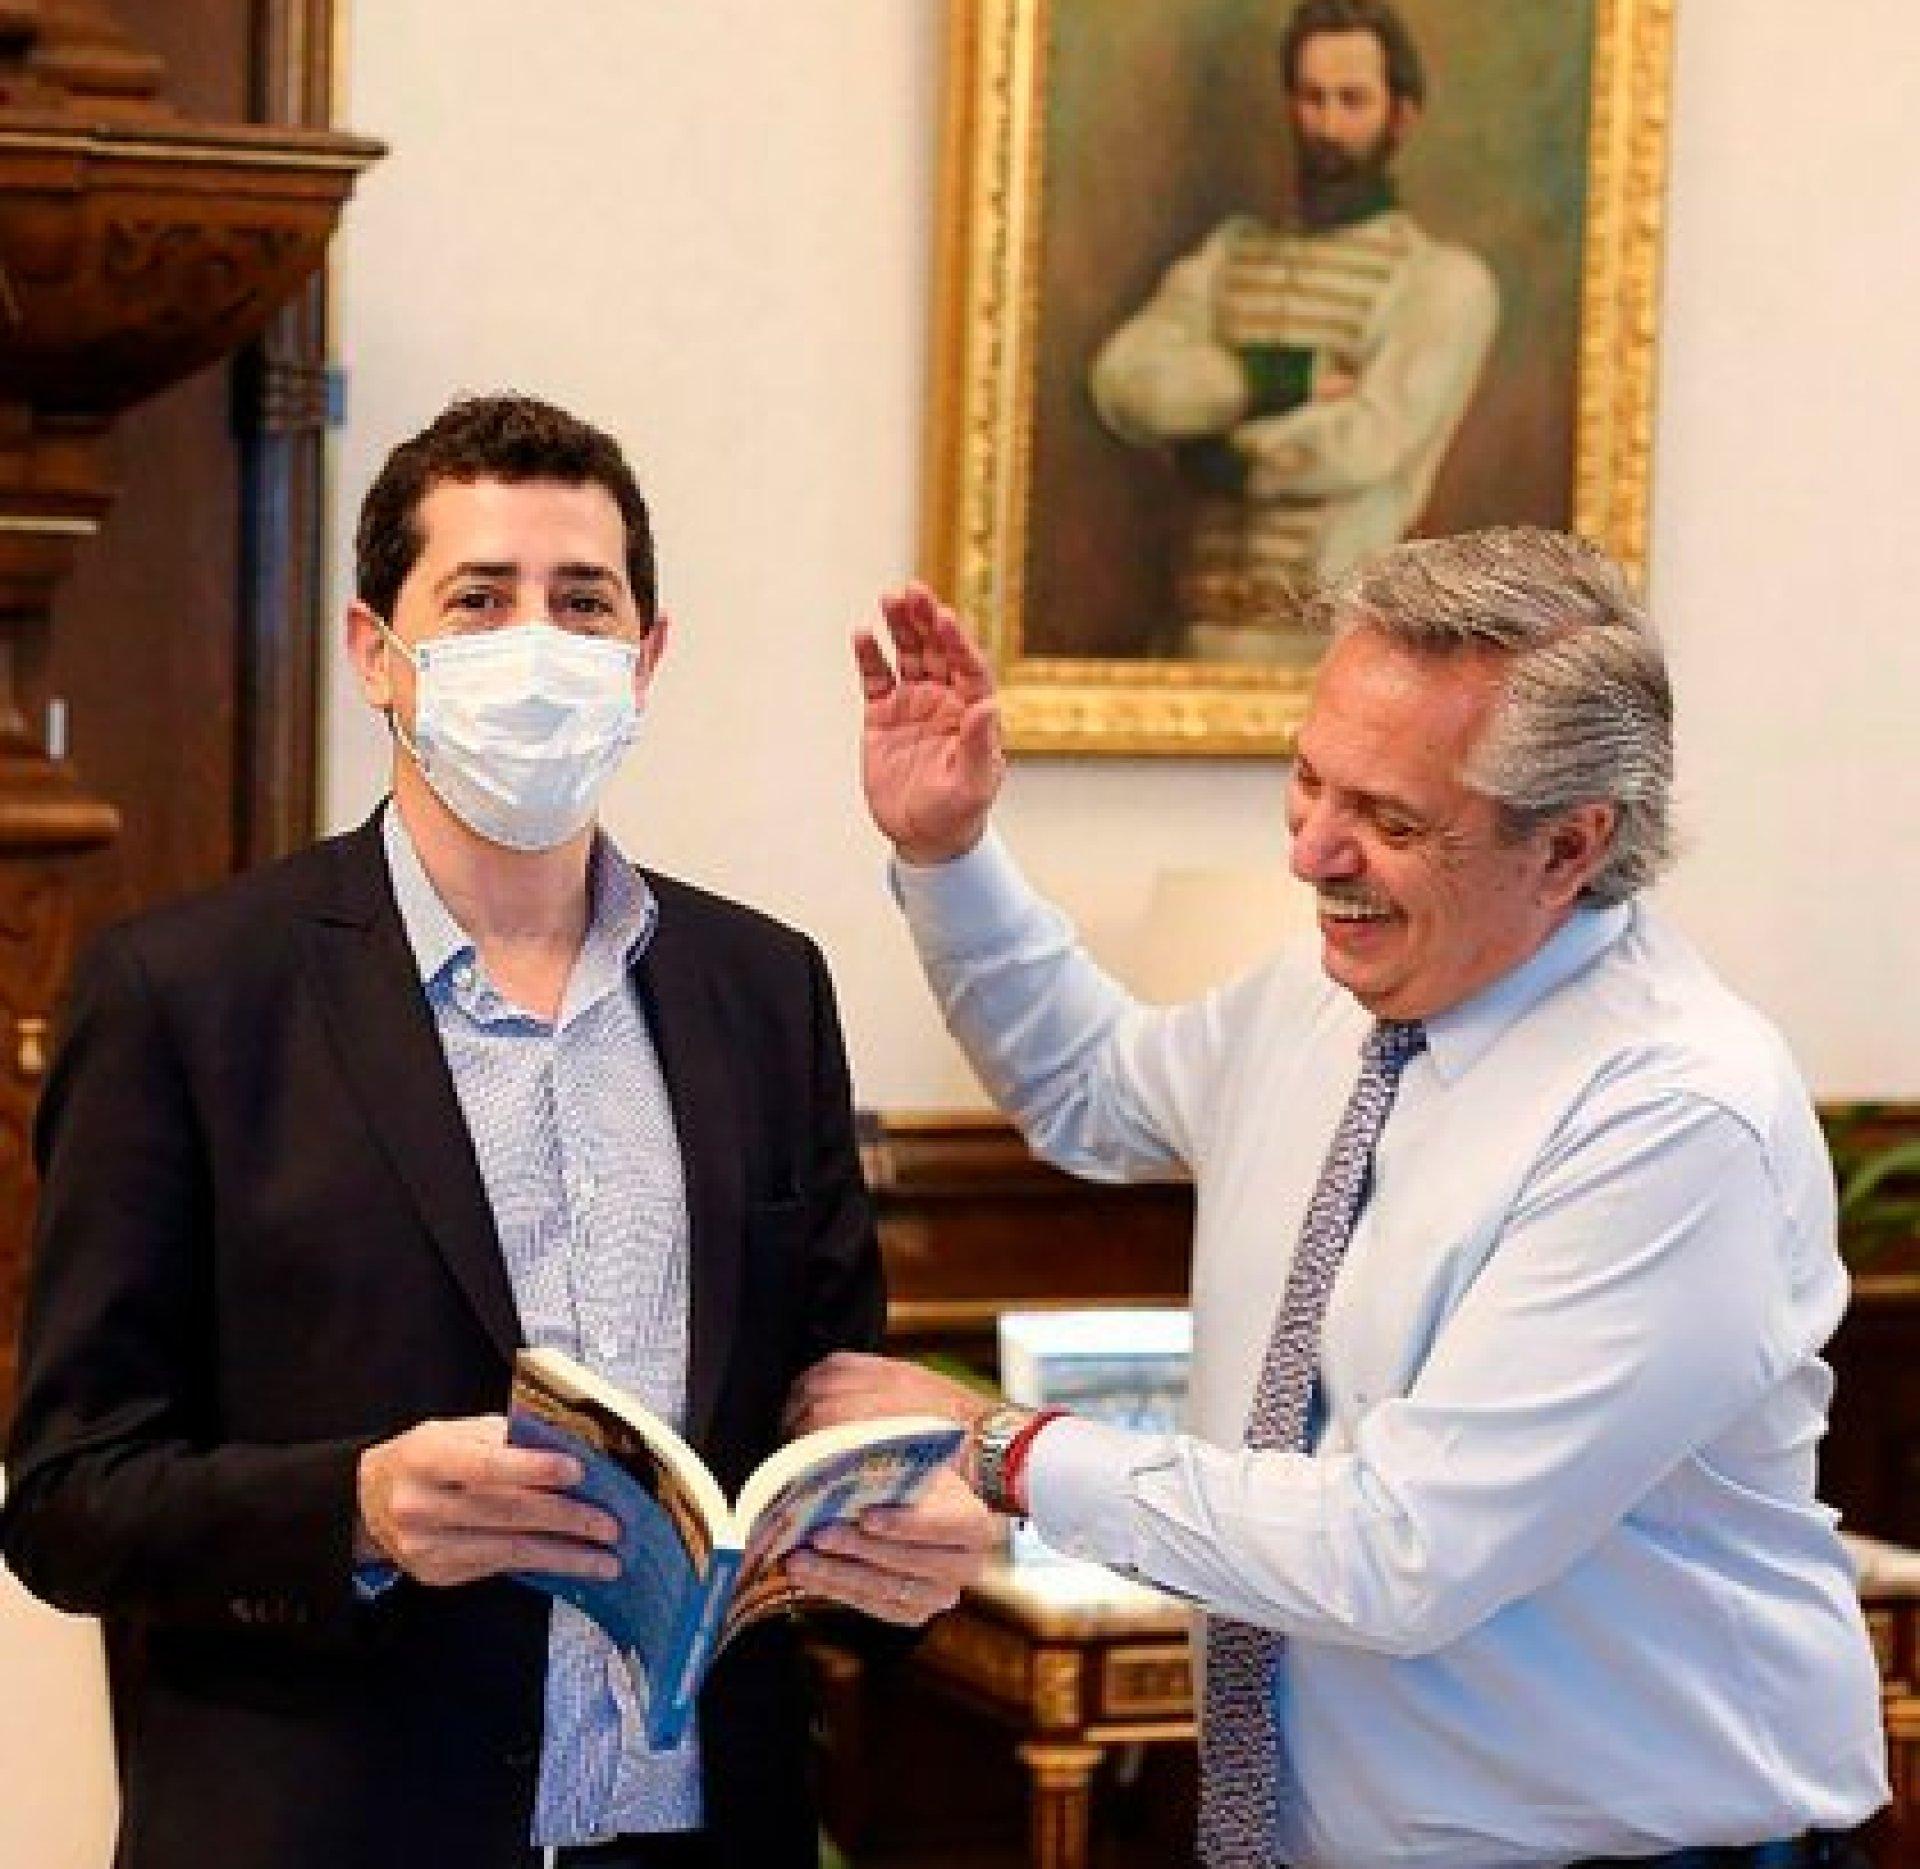 Hay sintonía entre el Presidente y el Ministro